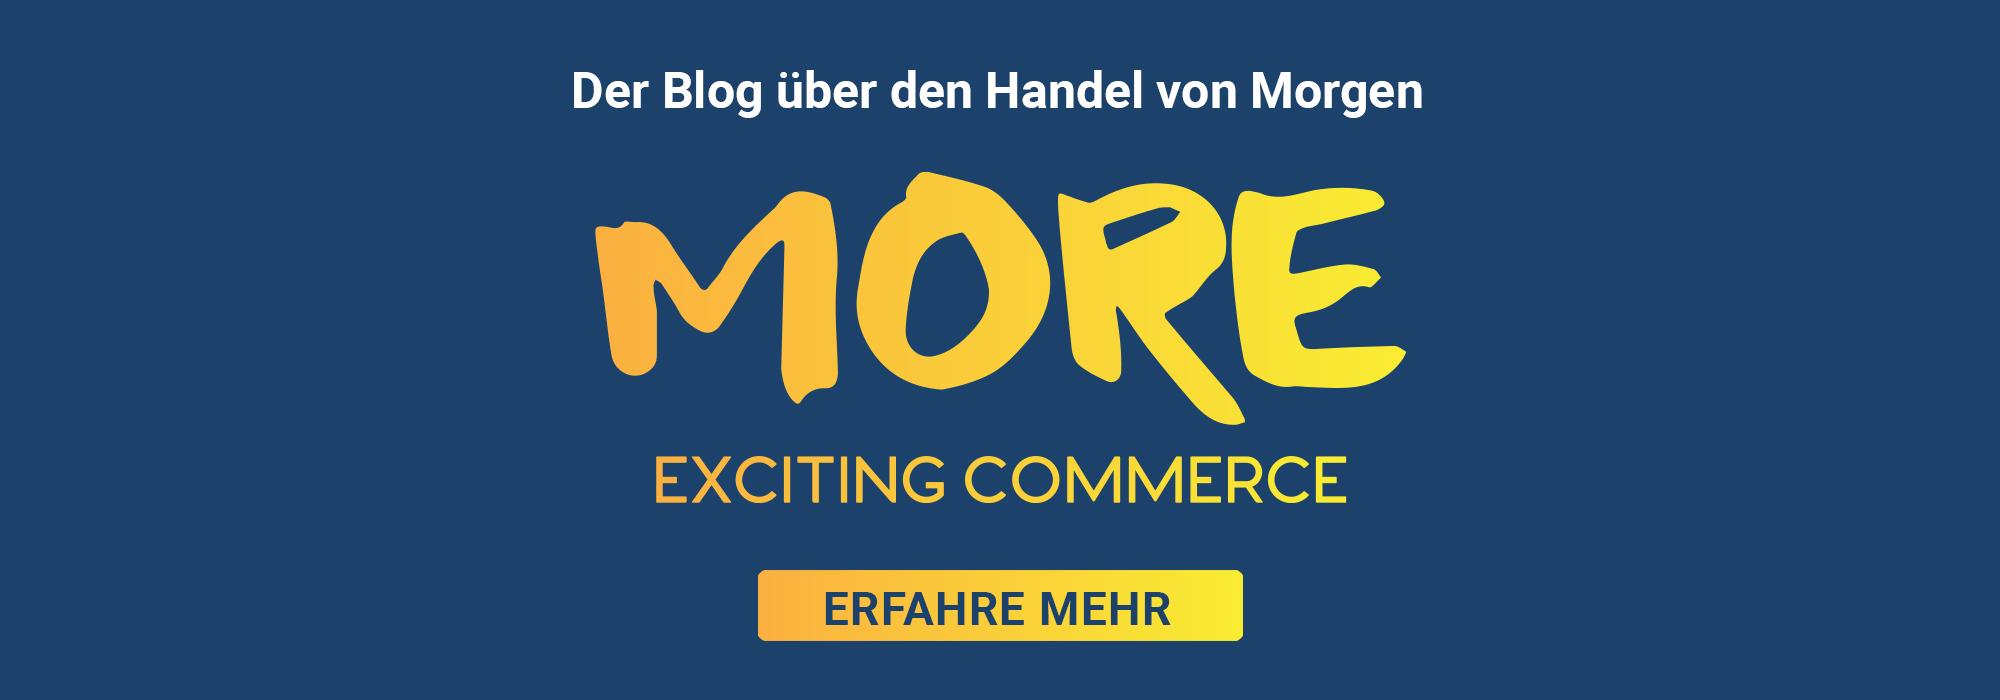 Der Blog über den Handel von Morgen - Exciting Commerce. Zur Website